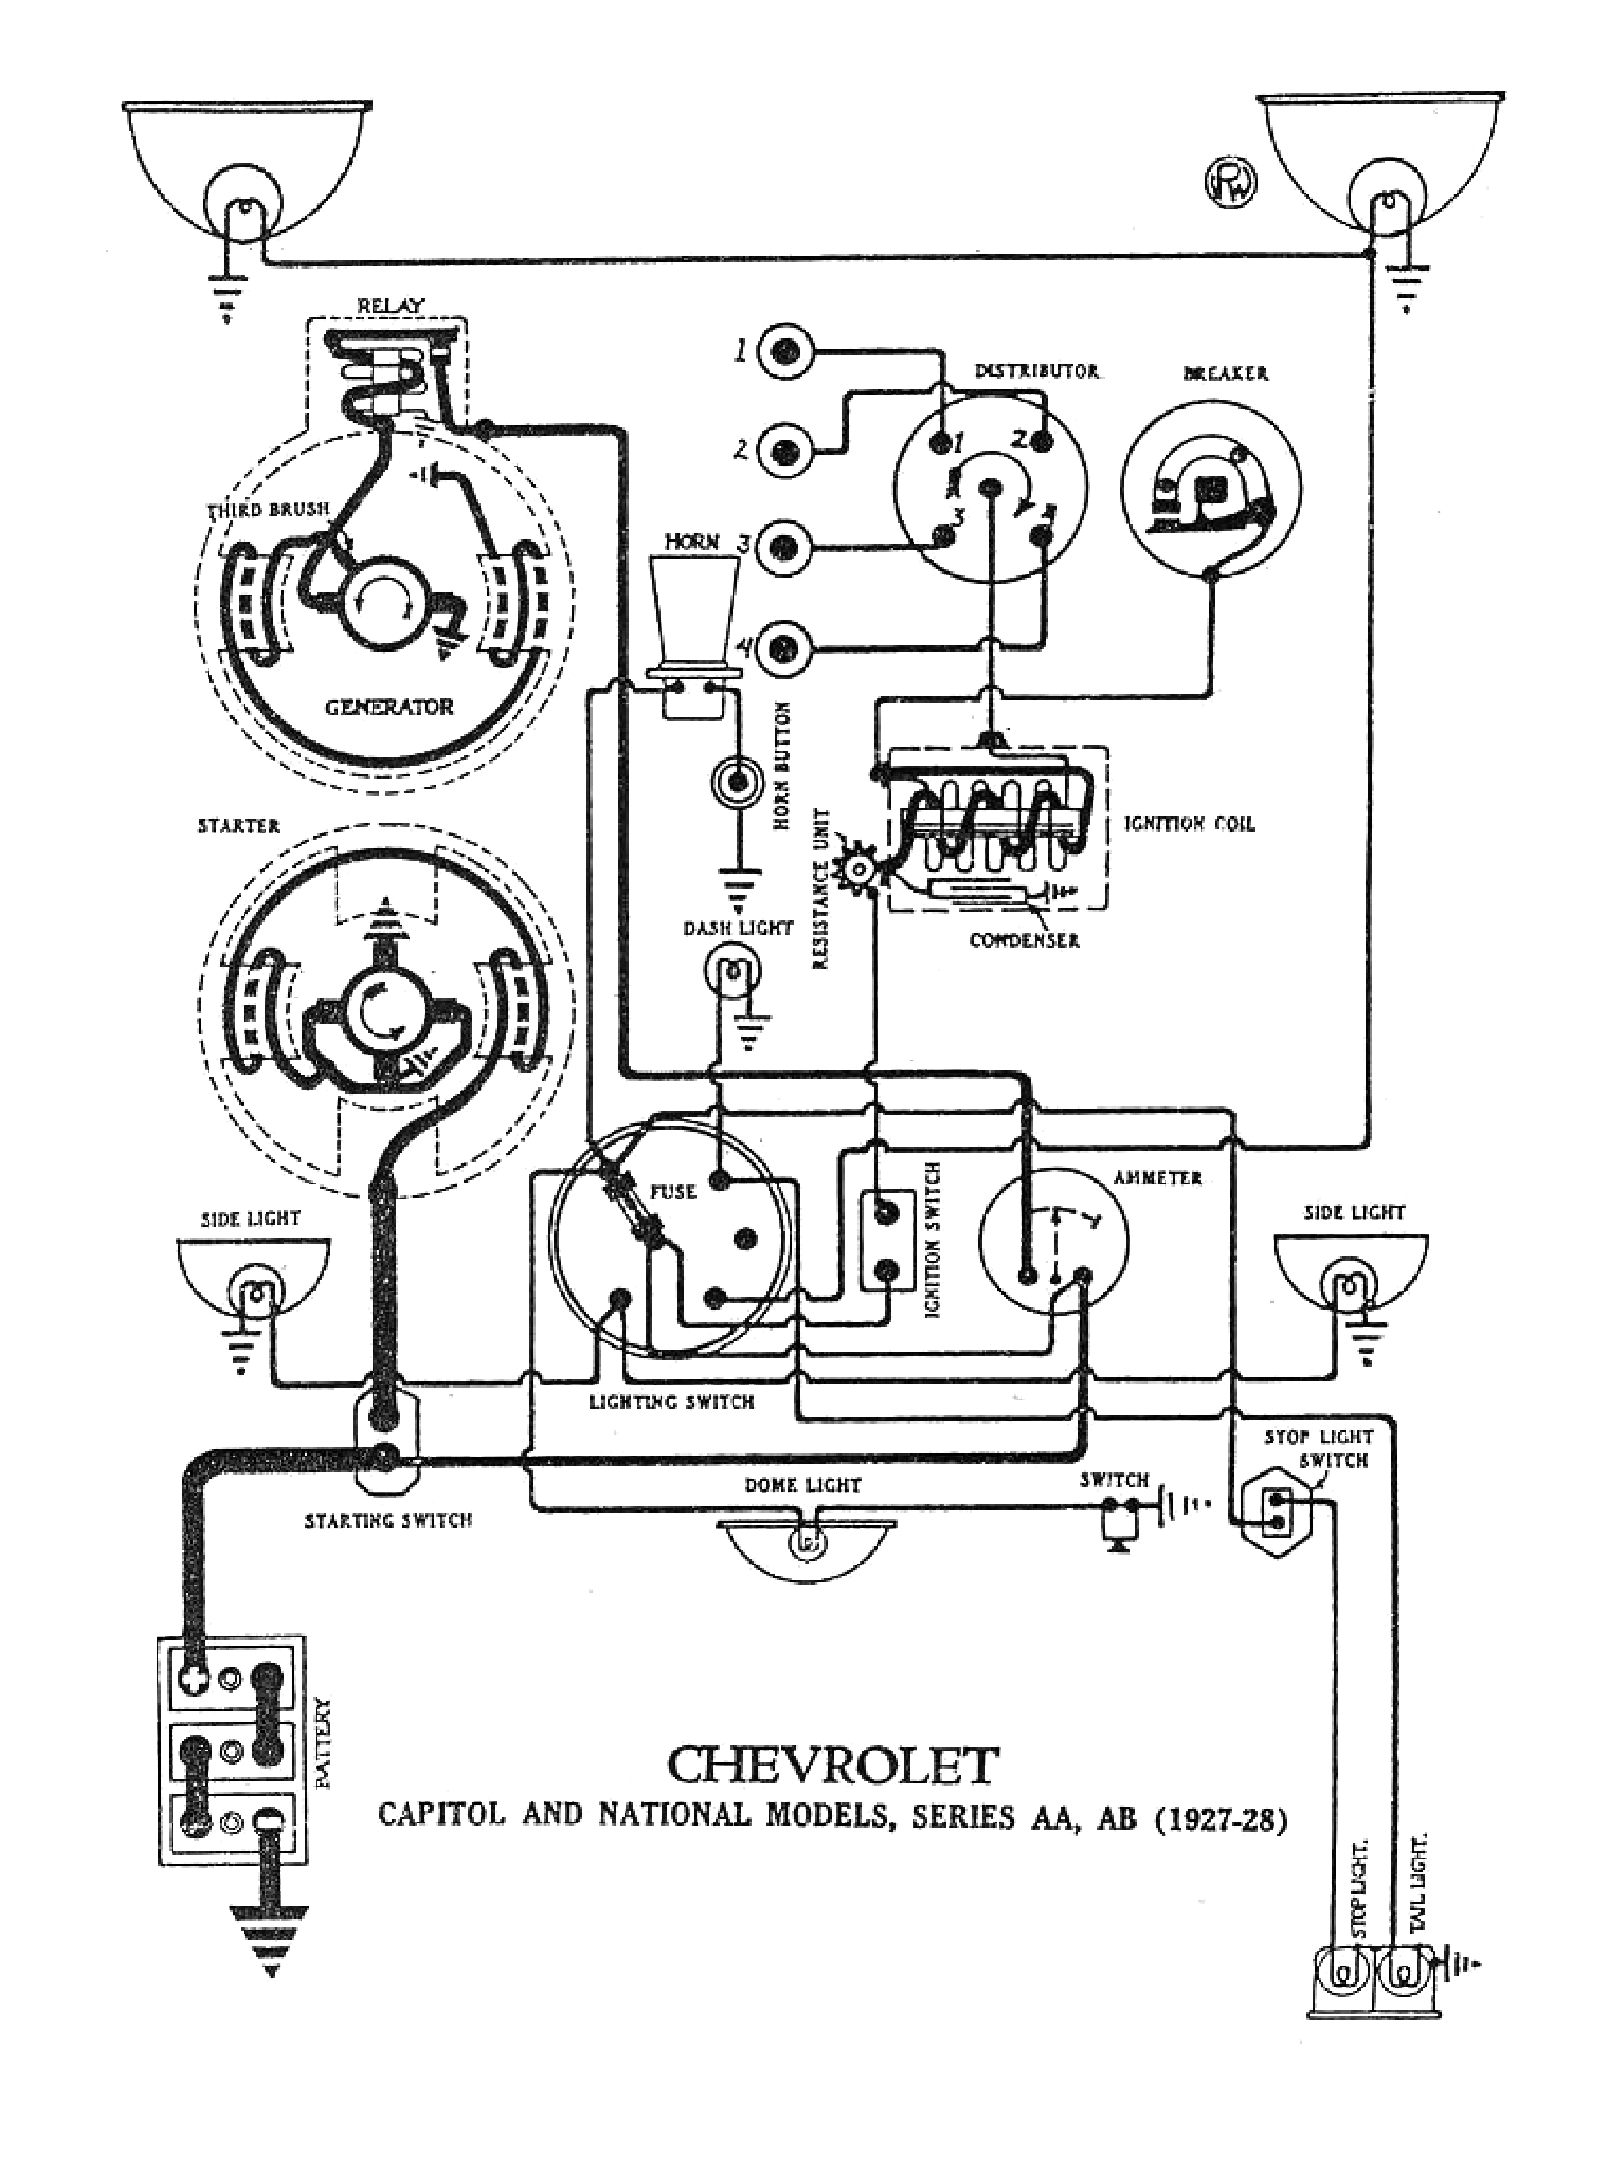 2728wiring?resize=665%2C899 model t wiring diagram wiring diagram,Wiring Diagram For 1927 Ford Model T